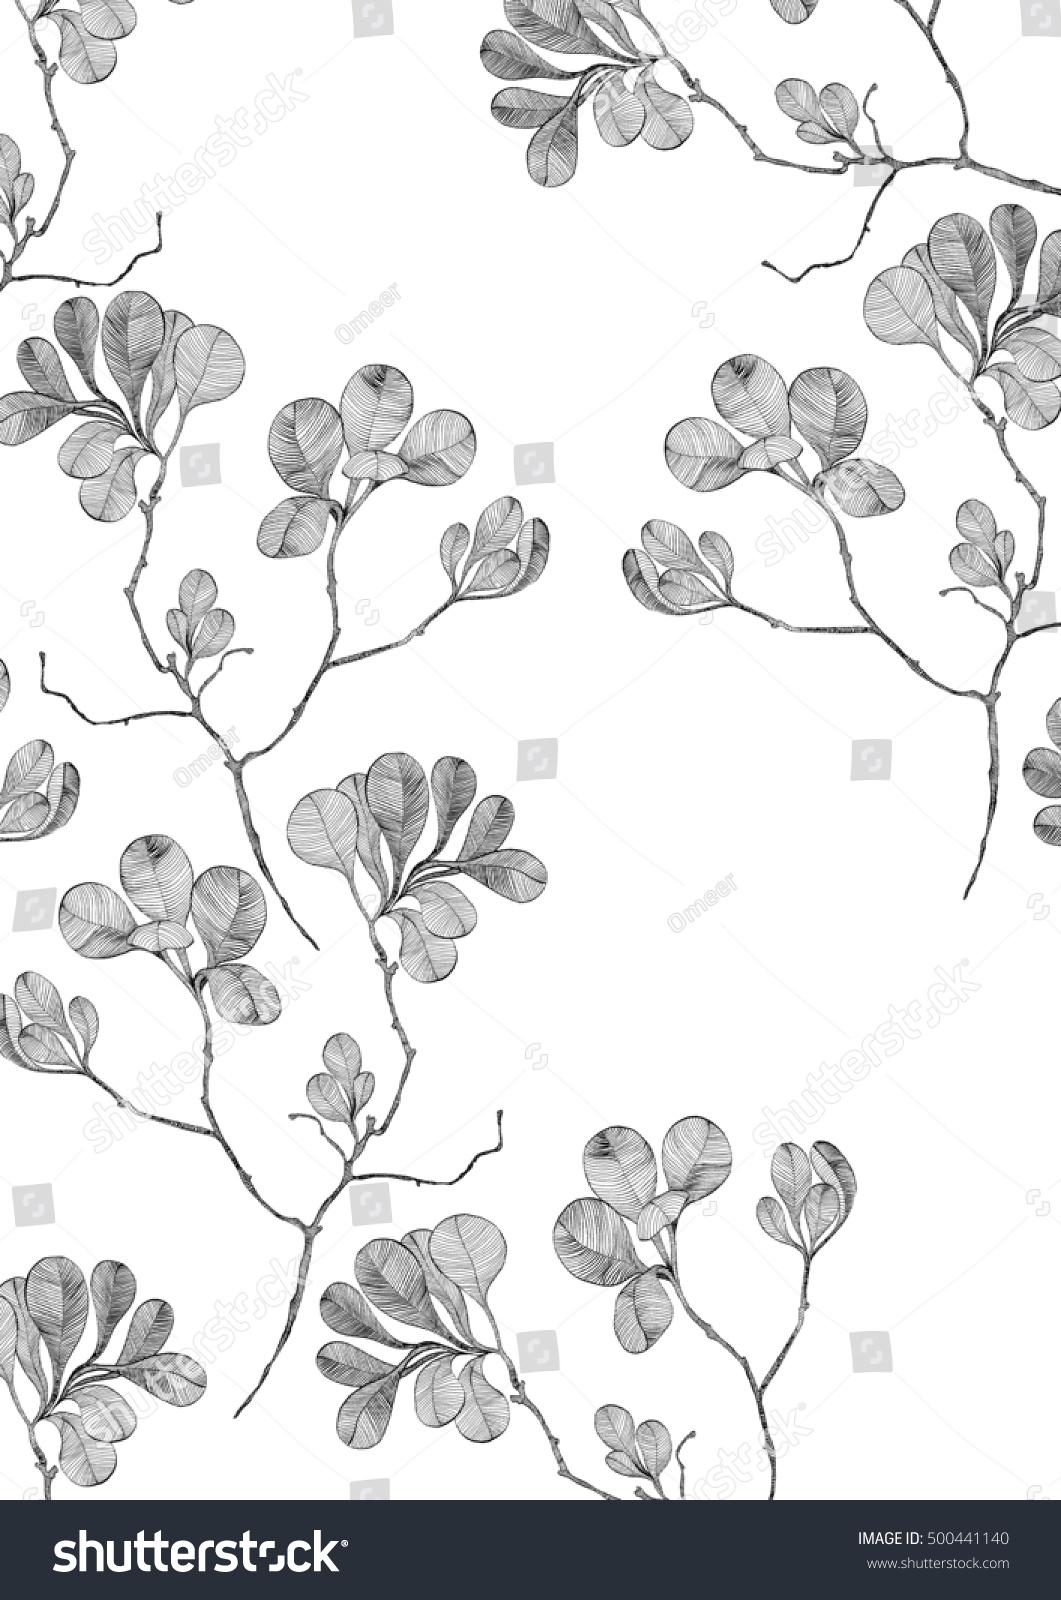 Flower Line Drawing Vintage : Vintage flower line art on white stock illustration